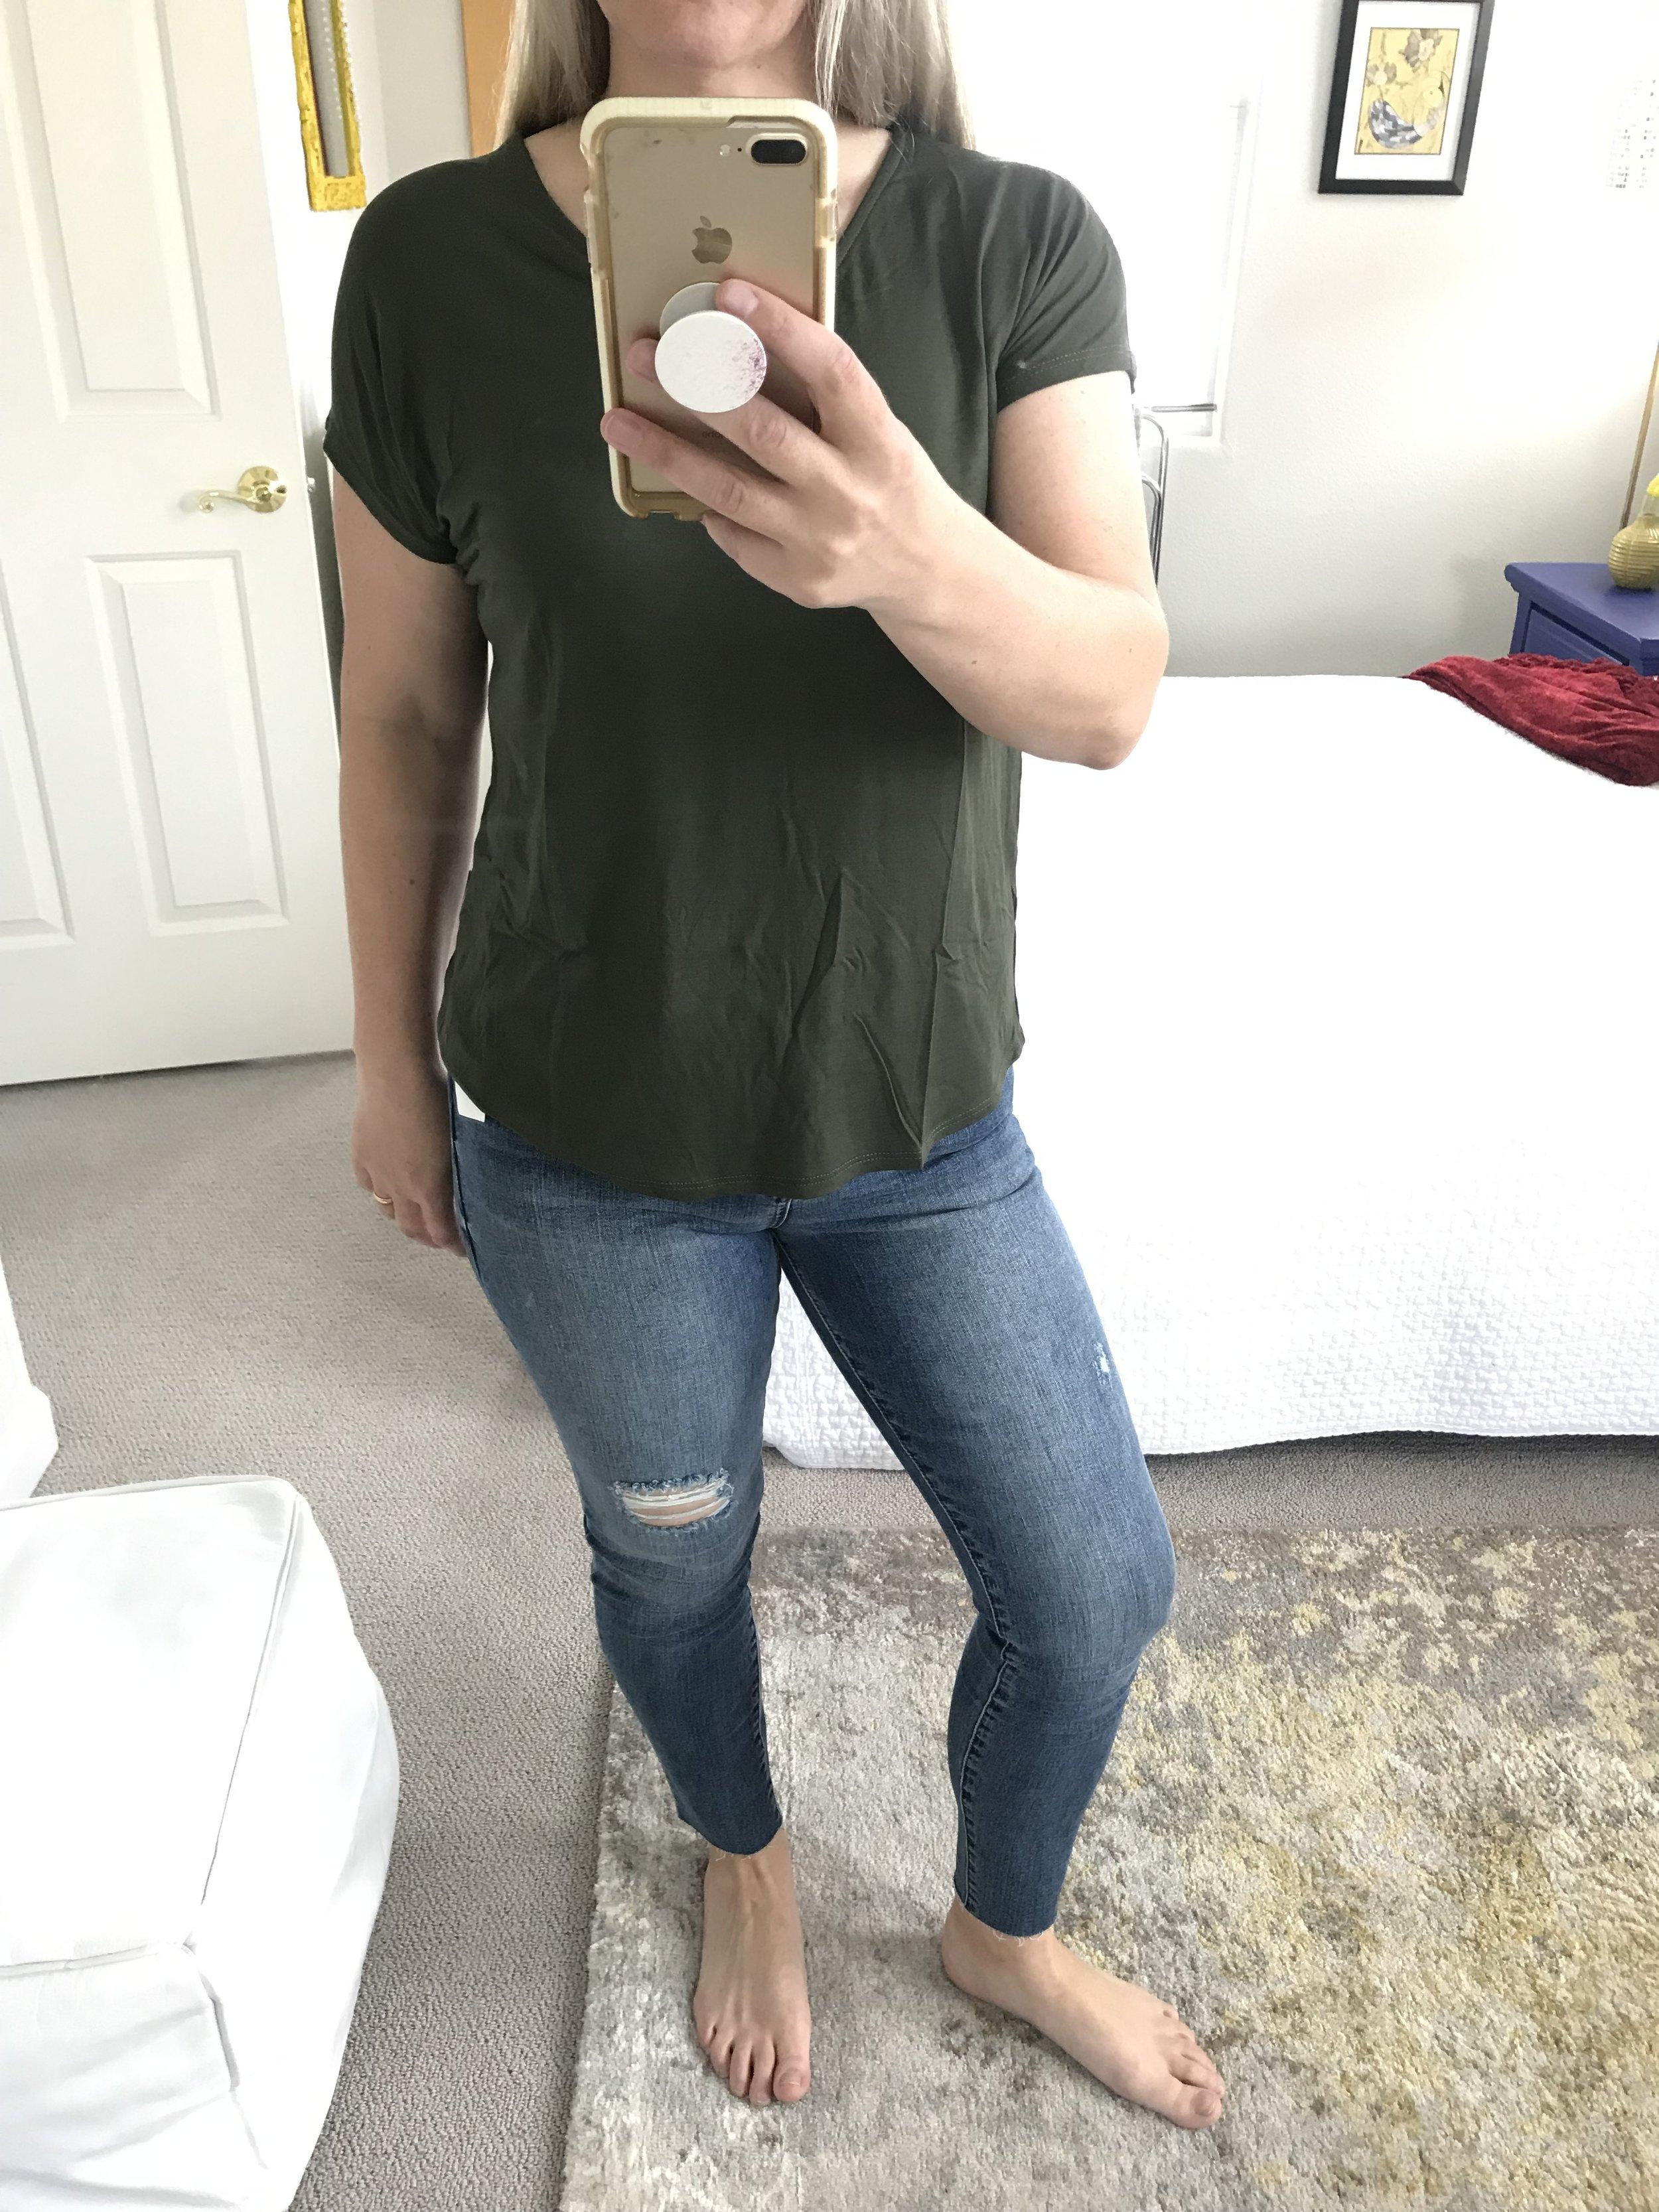 Stitchfix-green-top-skinny-jeans.jpg